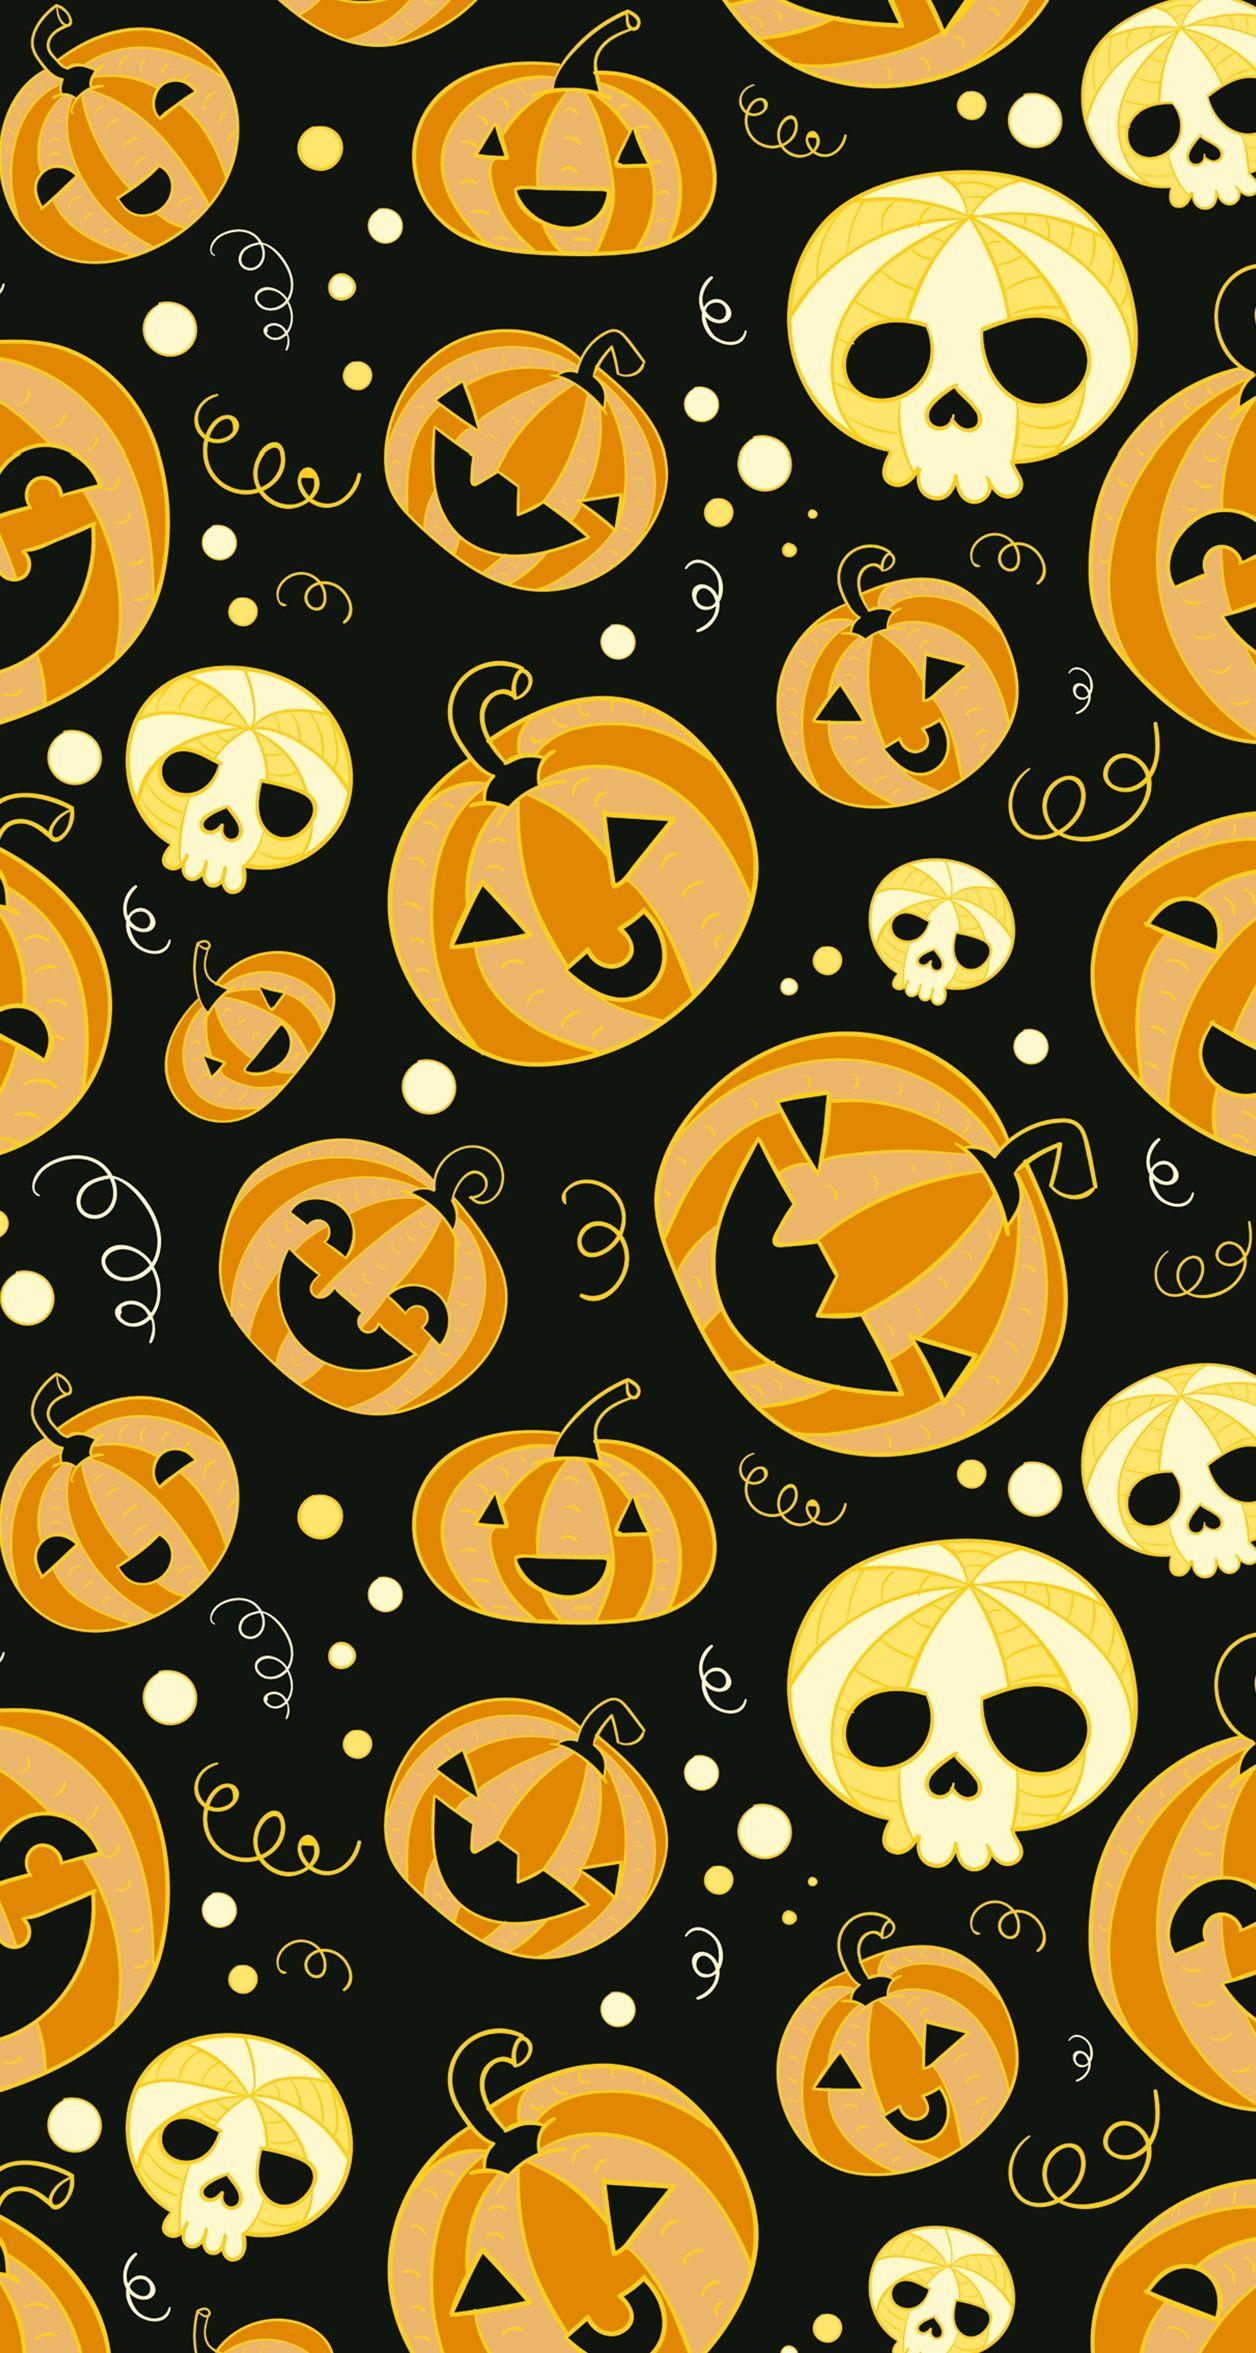 Halloween Background Halloween Wallpaper Iphone Halloween Wallpaper Fall Wallpaper